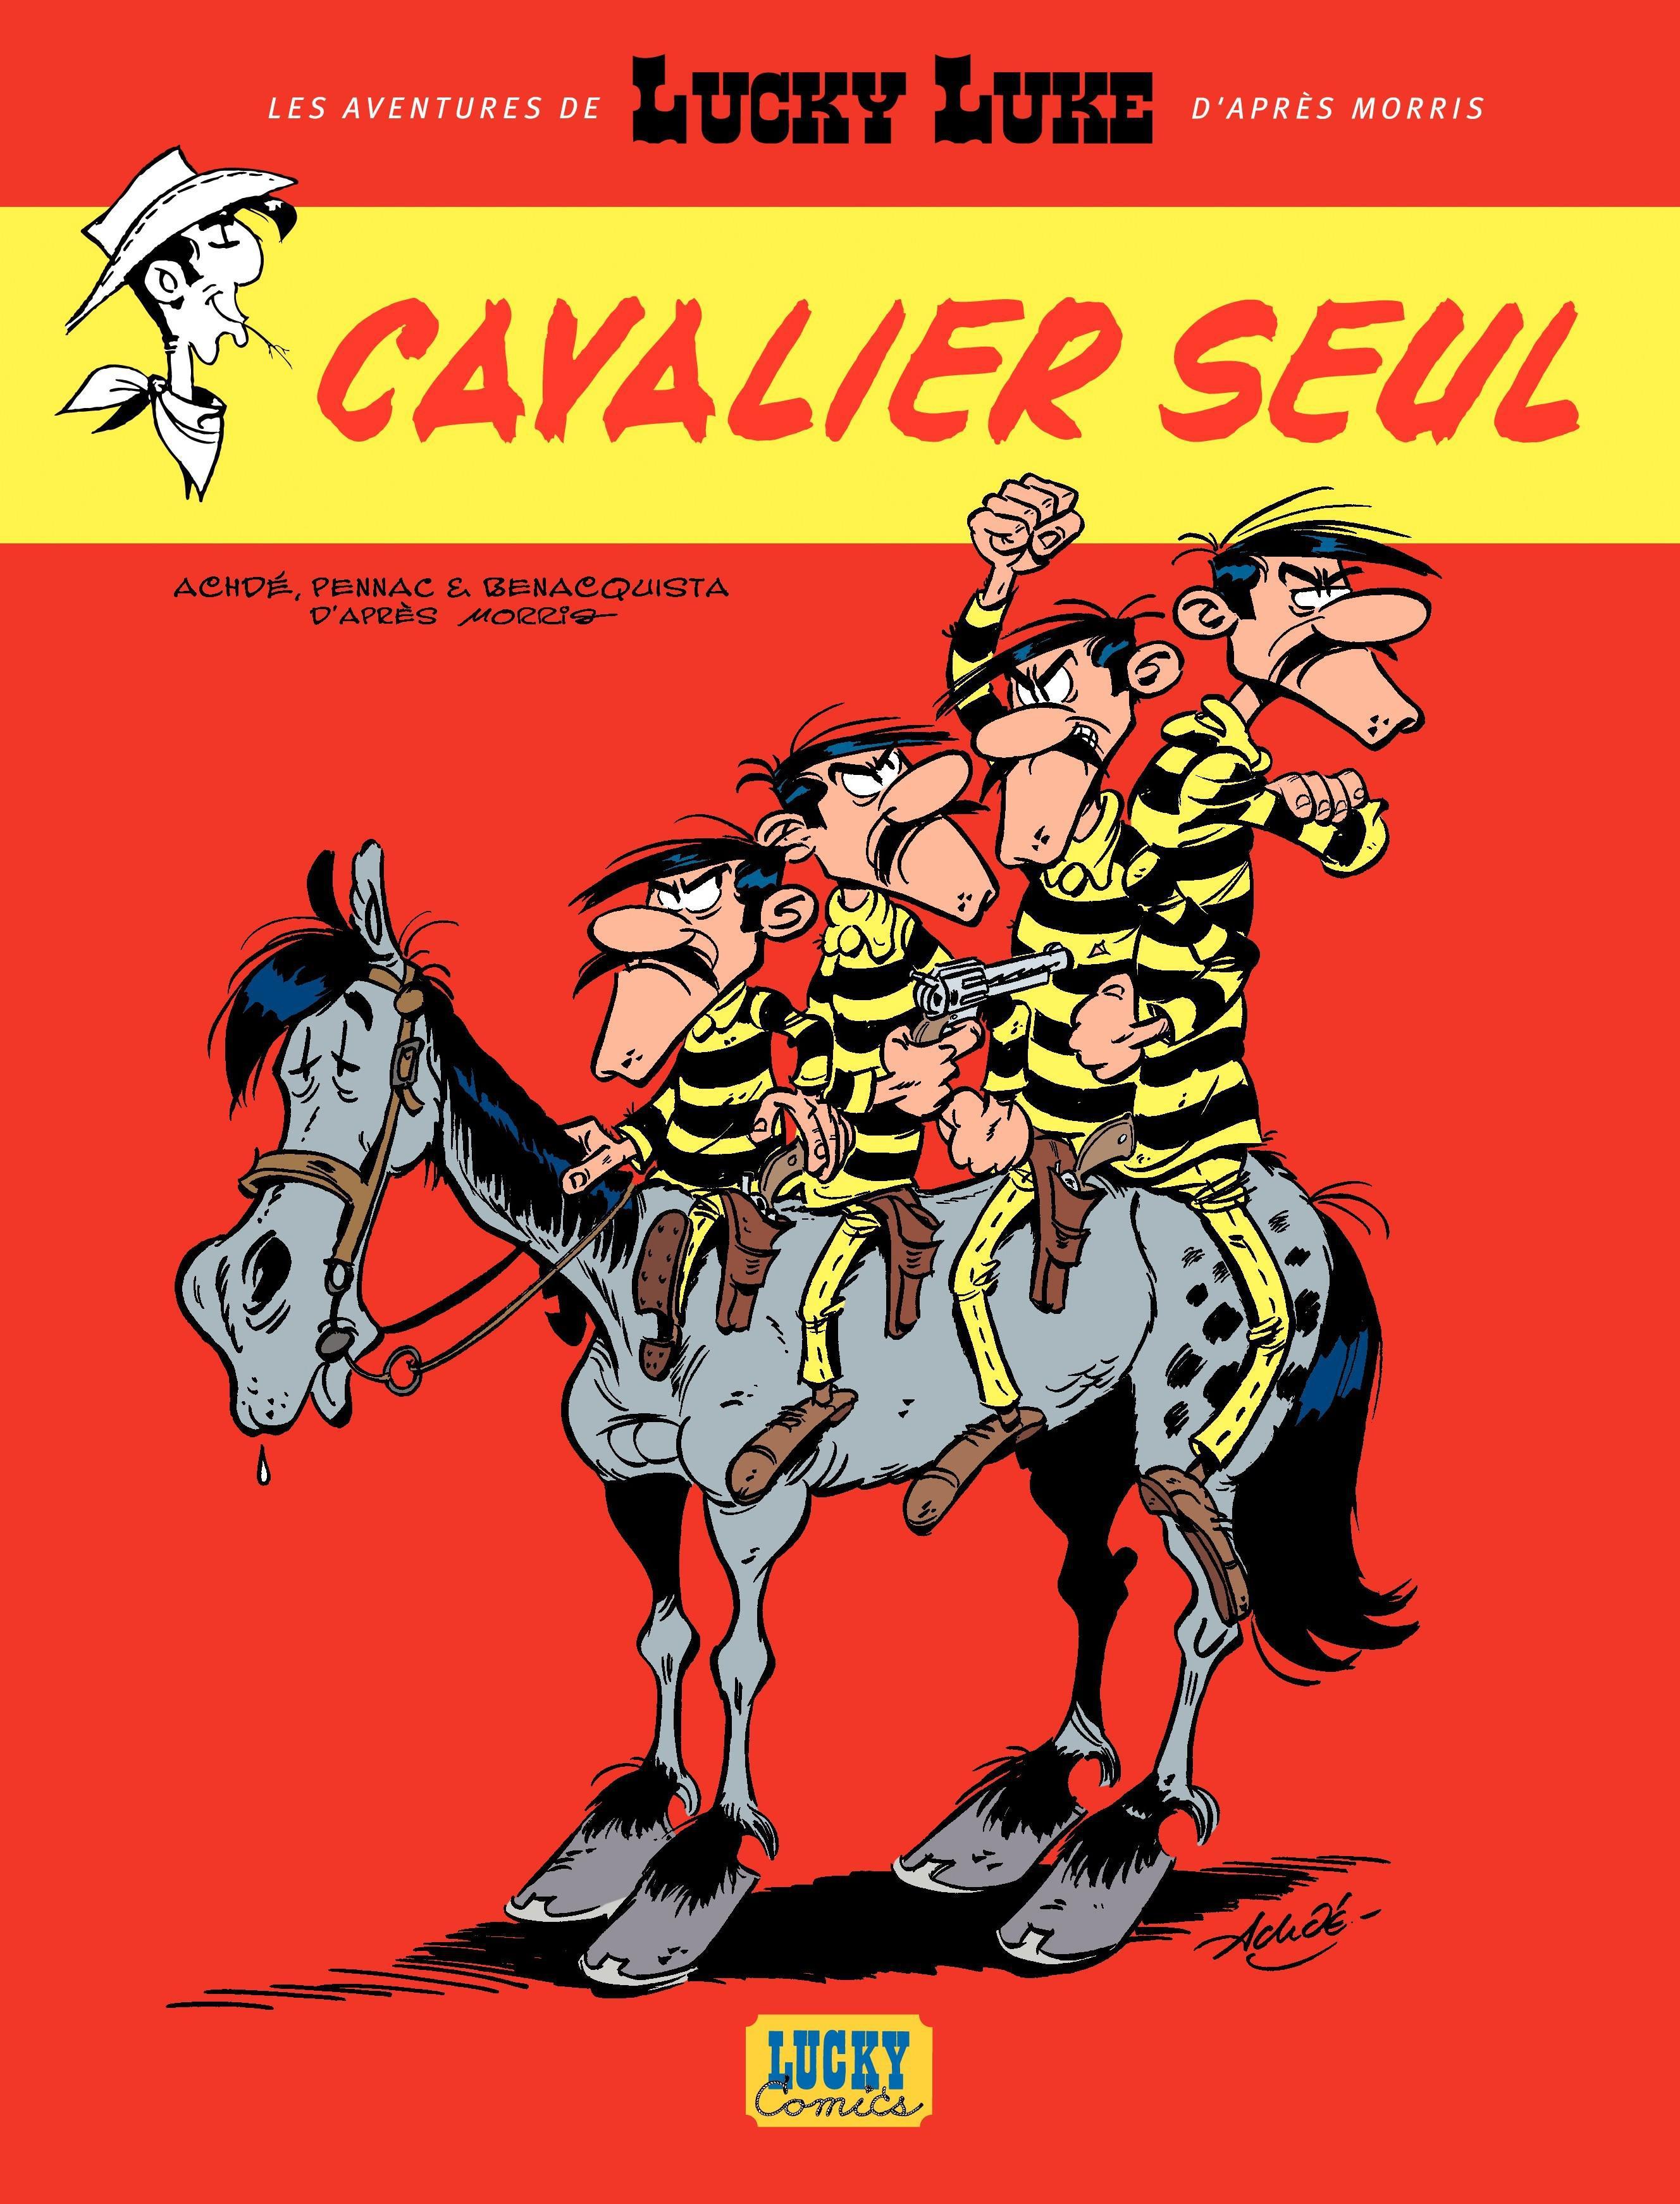 Les aventures de Lucky Luke d'après Morris - tome 5 - Cavalier seul